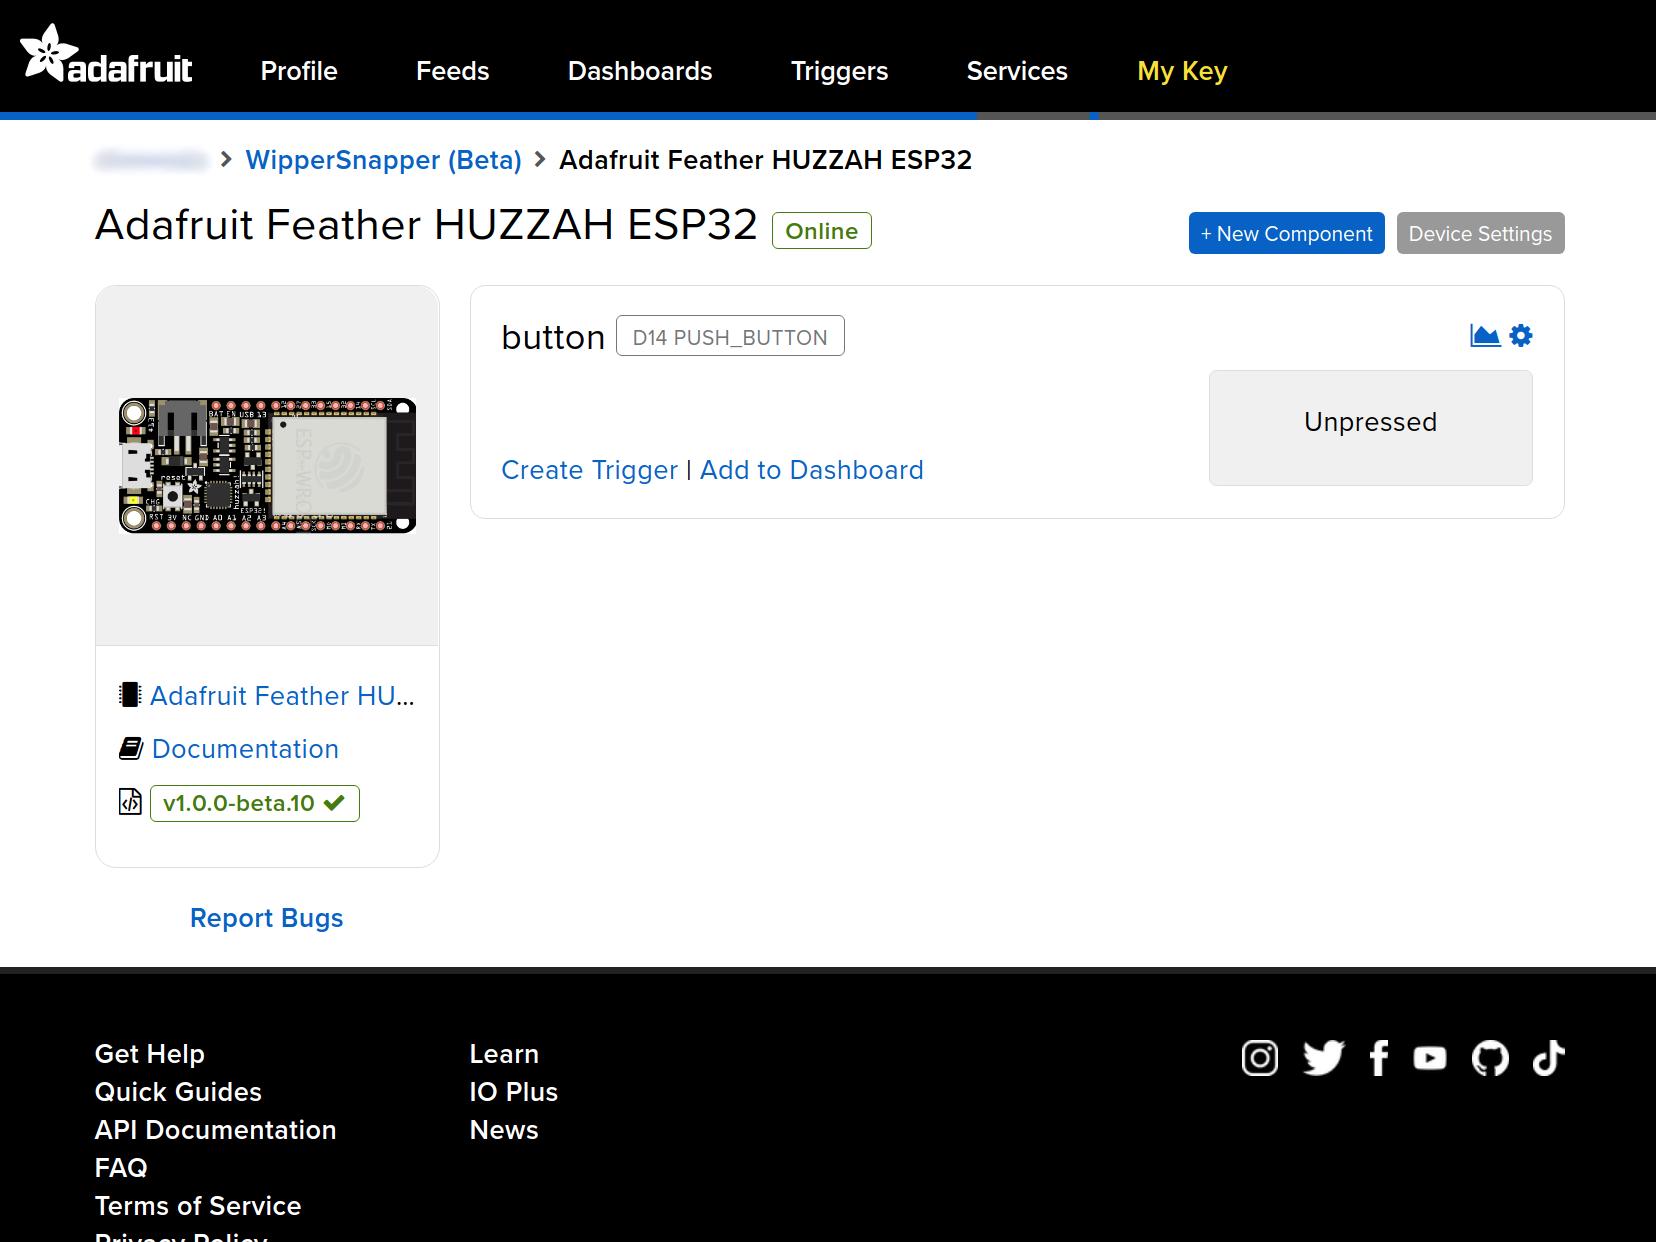 sensors_Screenshot_from_2021-09-21_14-14-55.png